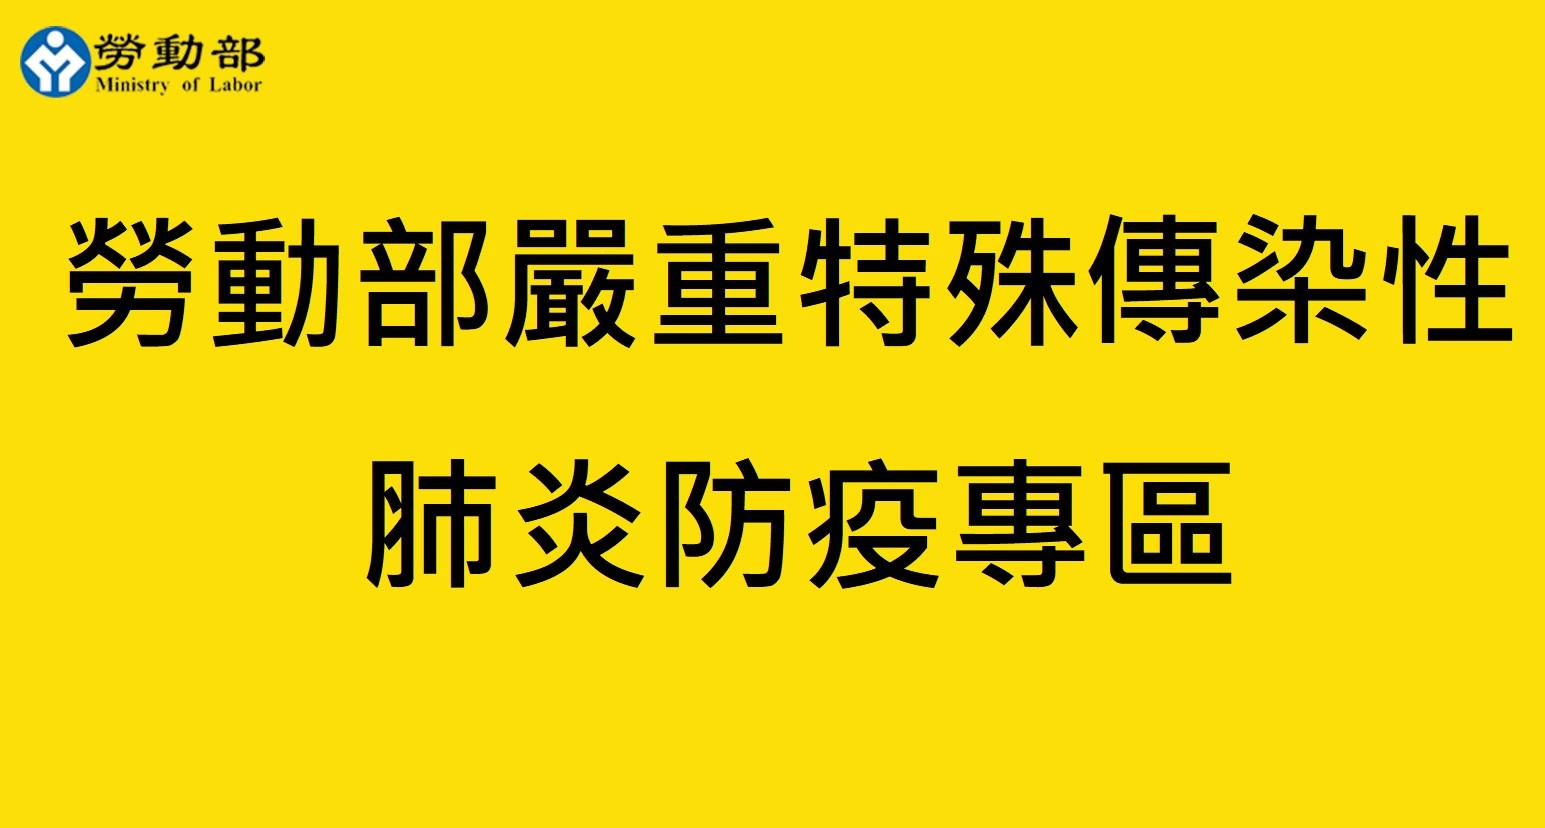 勞動部與勞動力發展署官網設置「因應武漢肺炎協助專區」